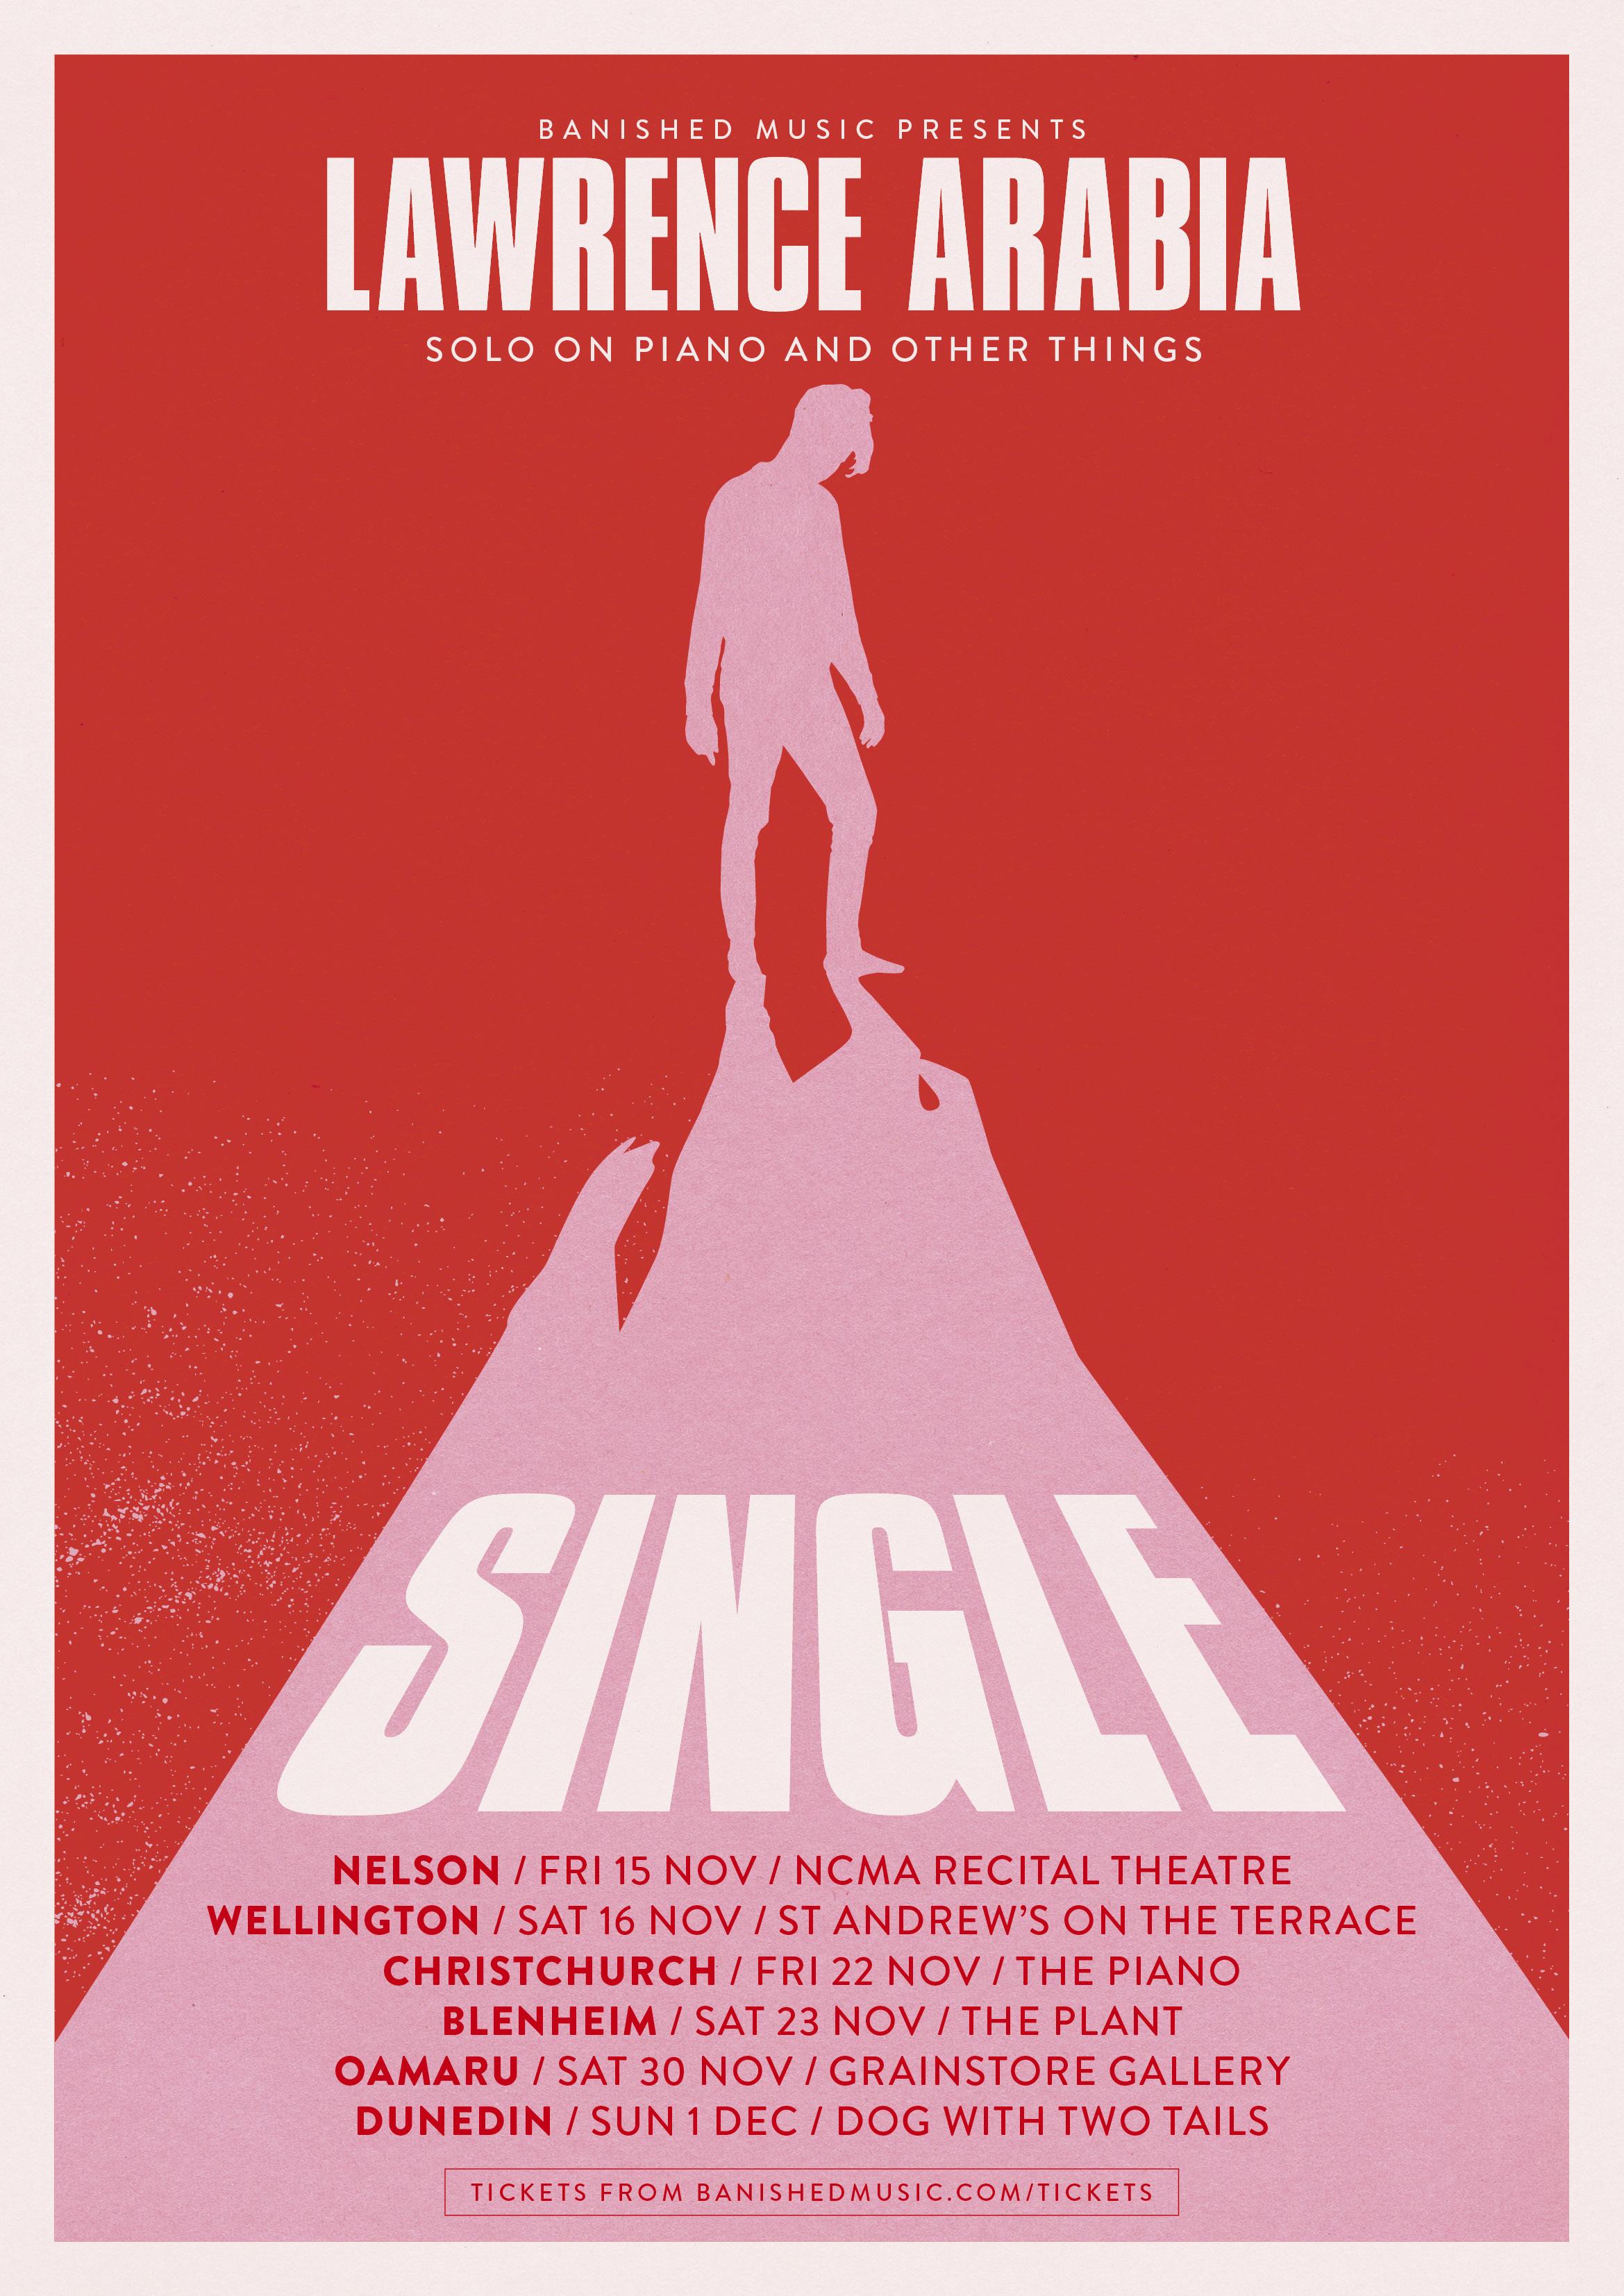 LA_Single Tour_POSTER-WEB.jpg